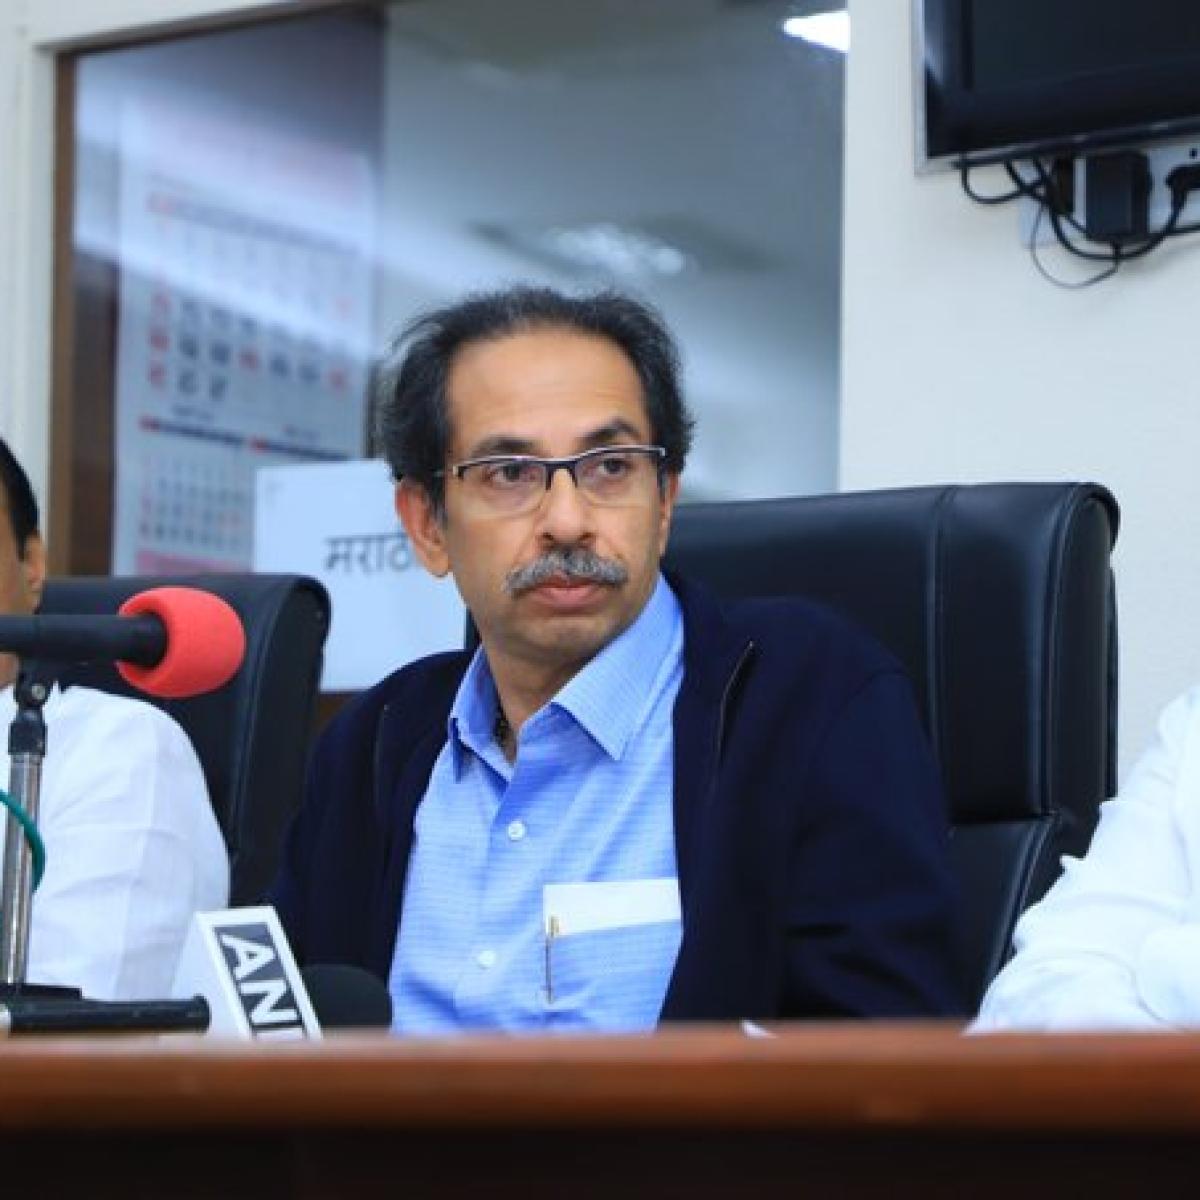 Coronavirus in Mumbai: 21,000 aspiring 'Covid yoddhas' respond to CM Uddhav Thackeray's call, so far